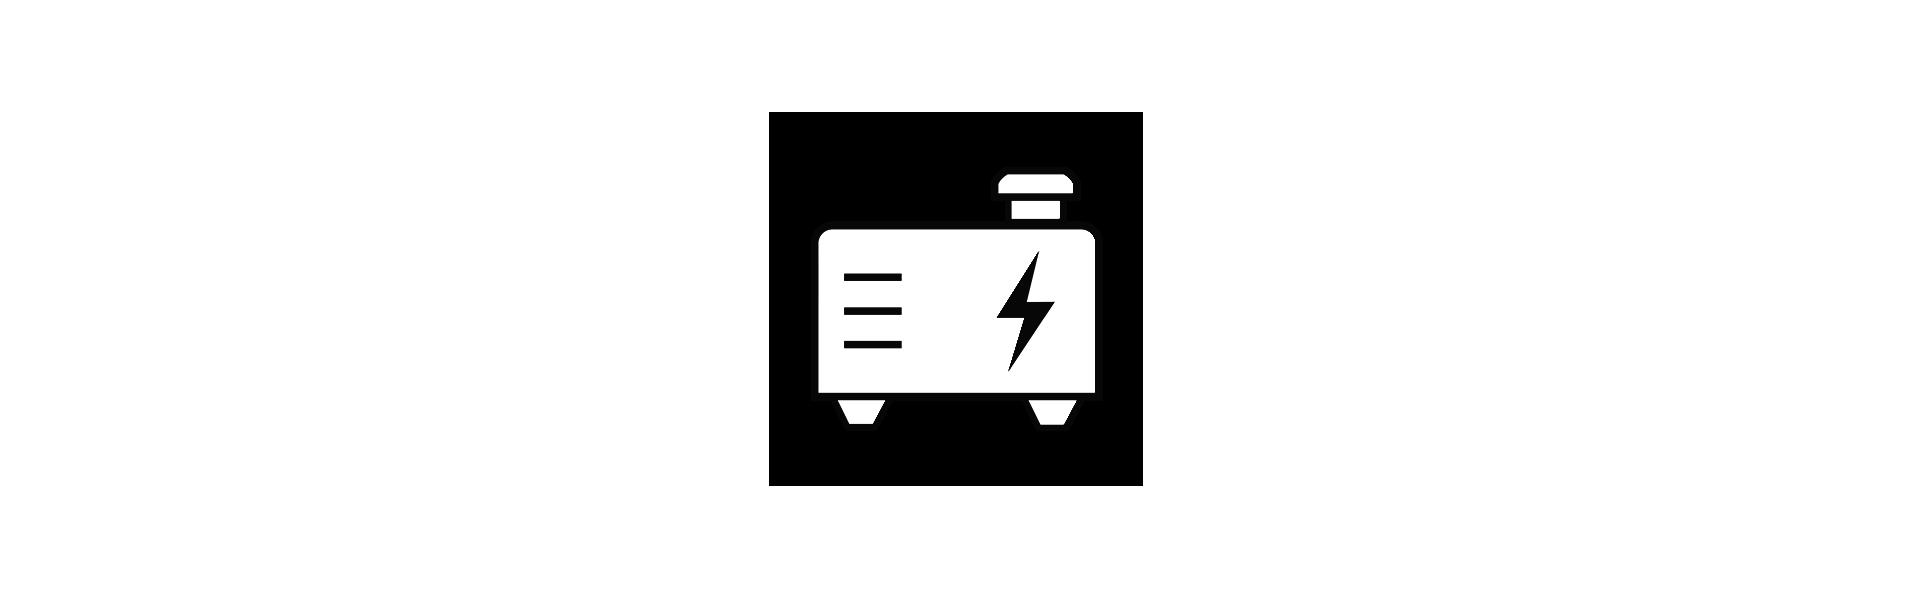 generator-smallest